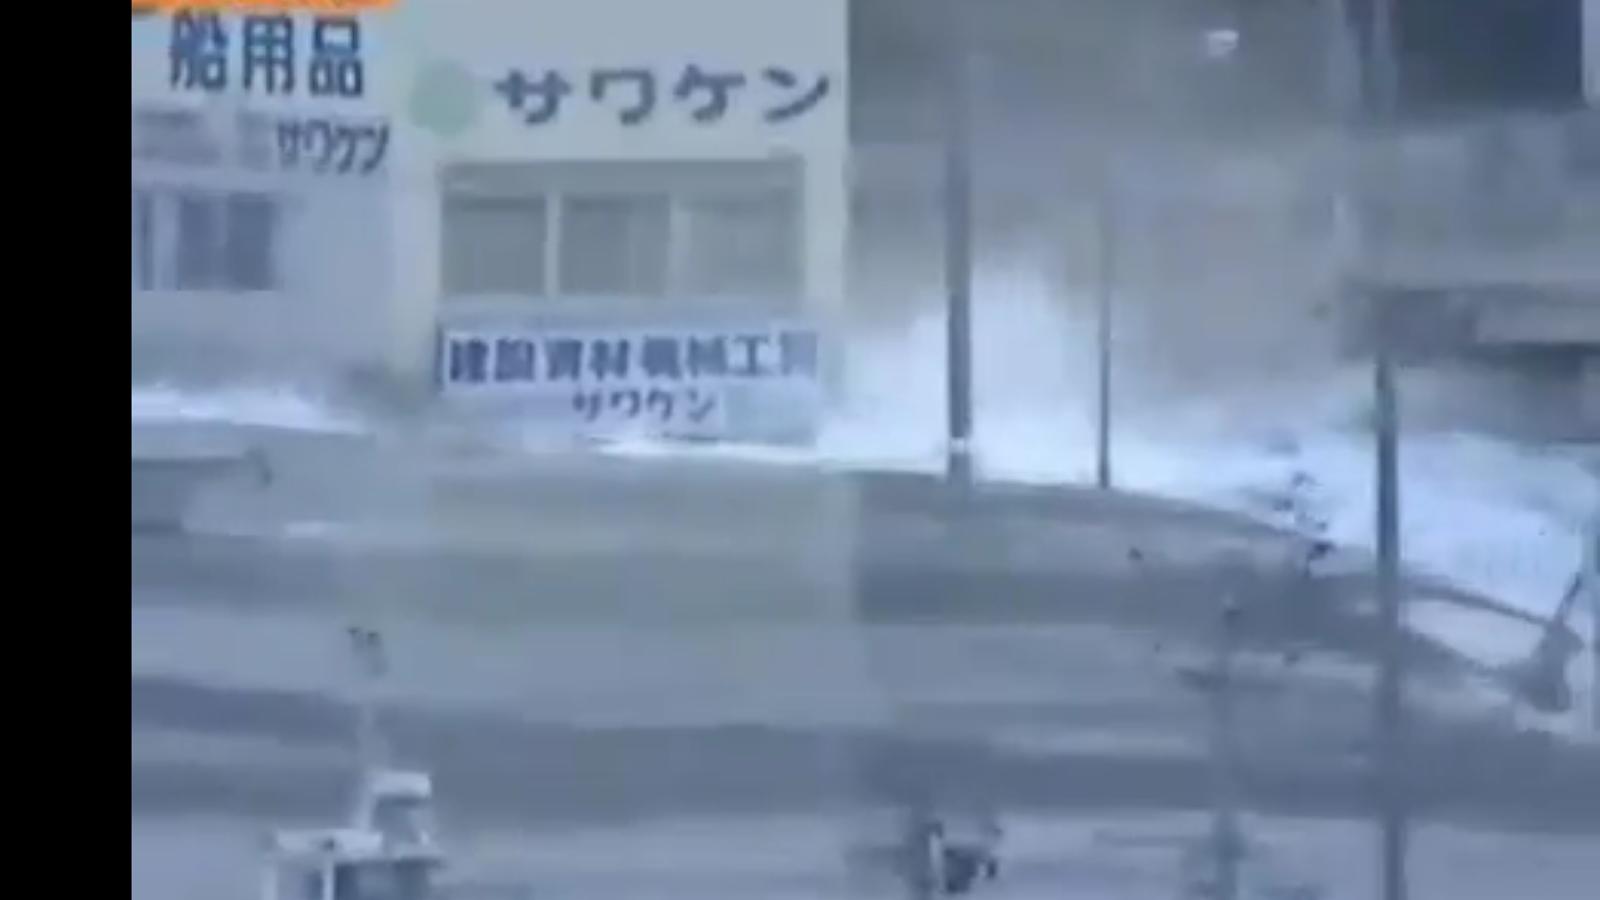 Imatges del terratrèmol del Japó que corren per la xarxa